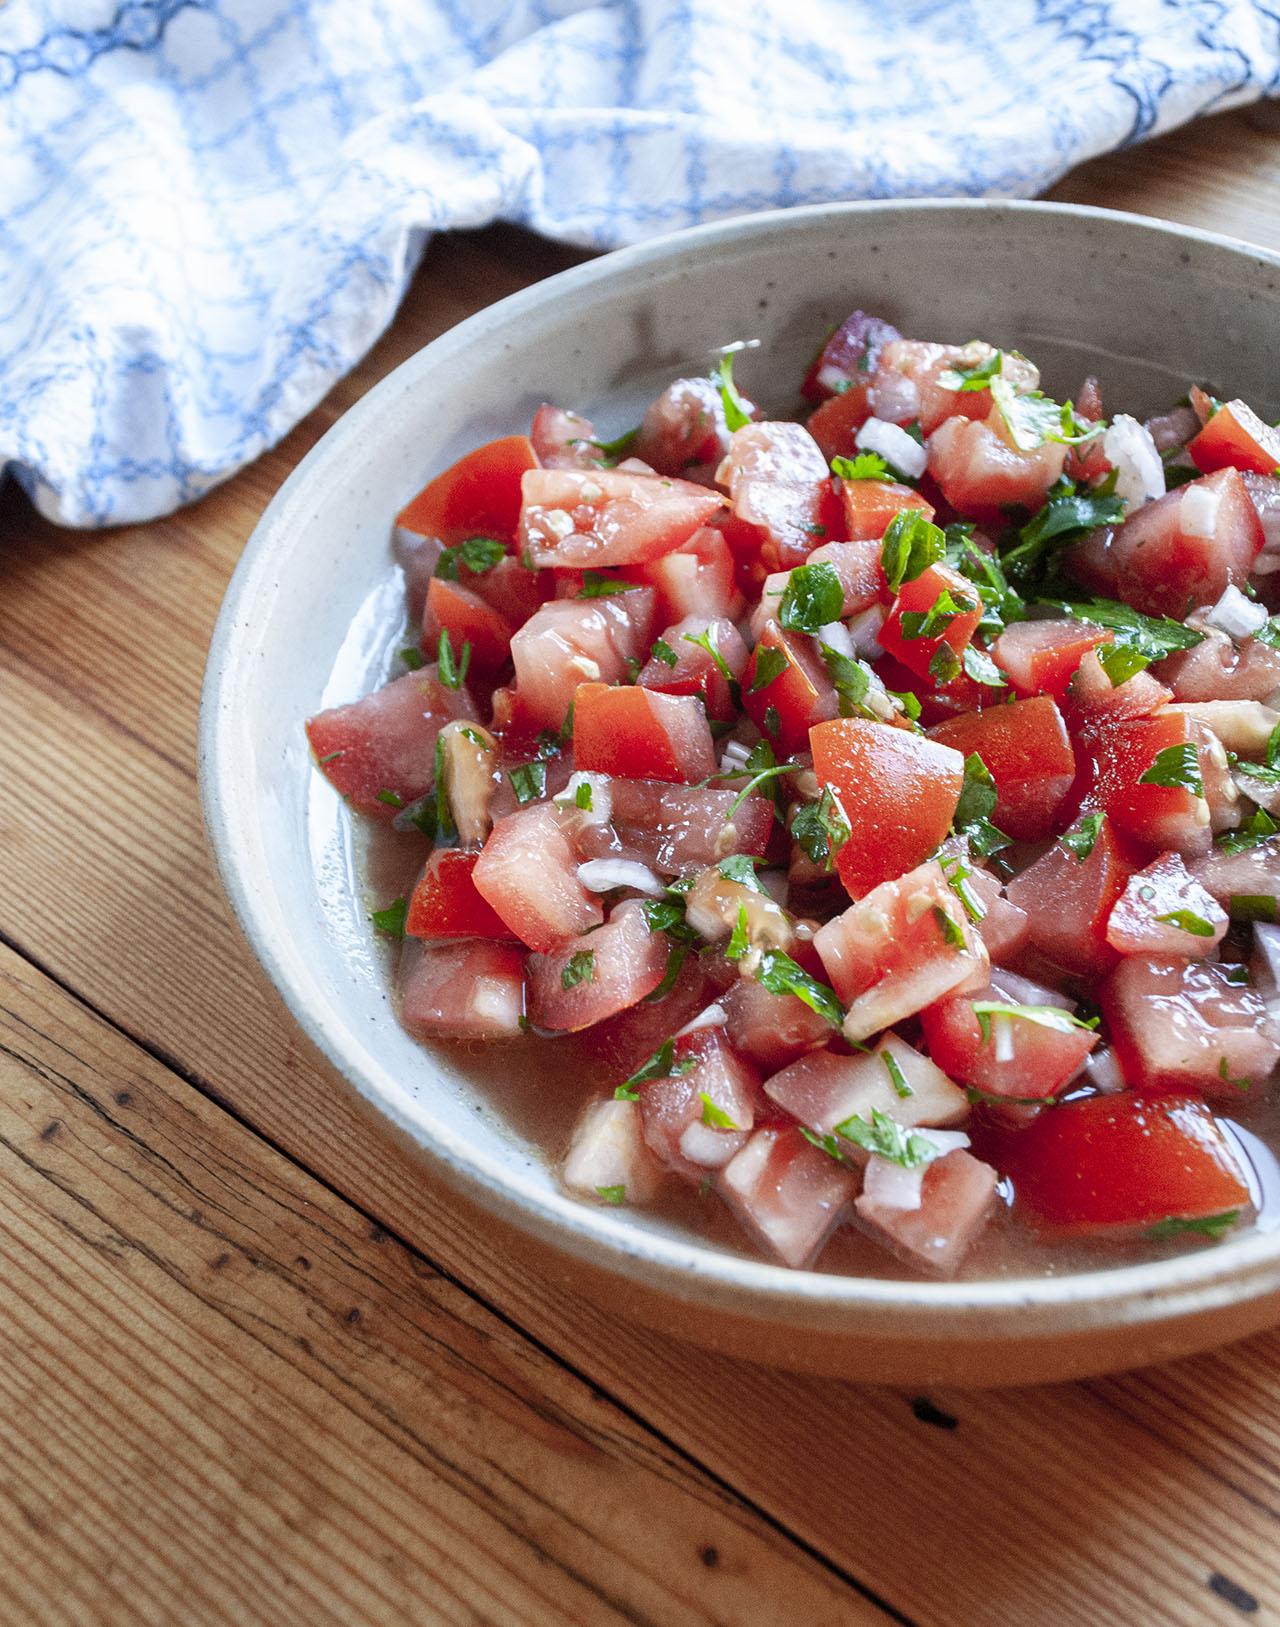 Marrokaanse-tomaten salade